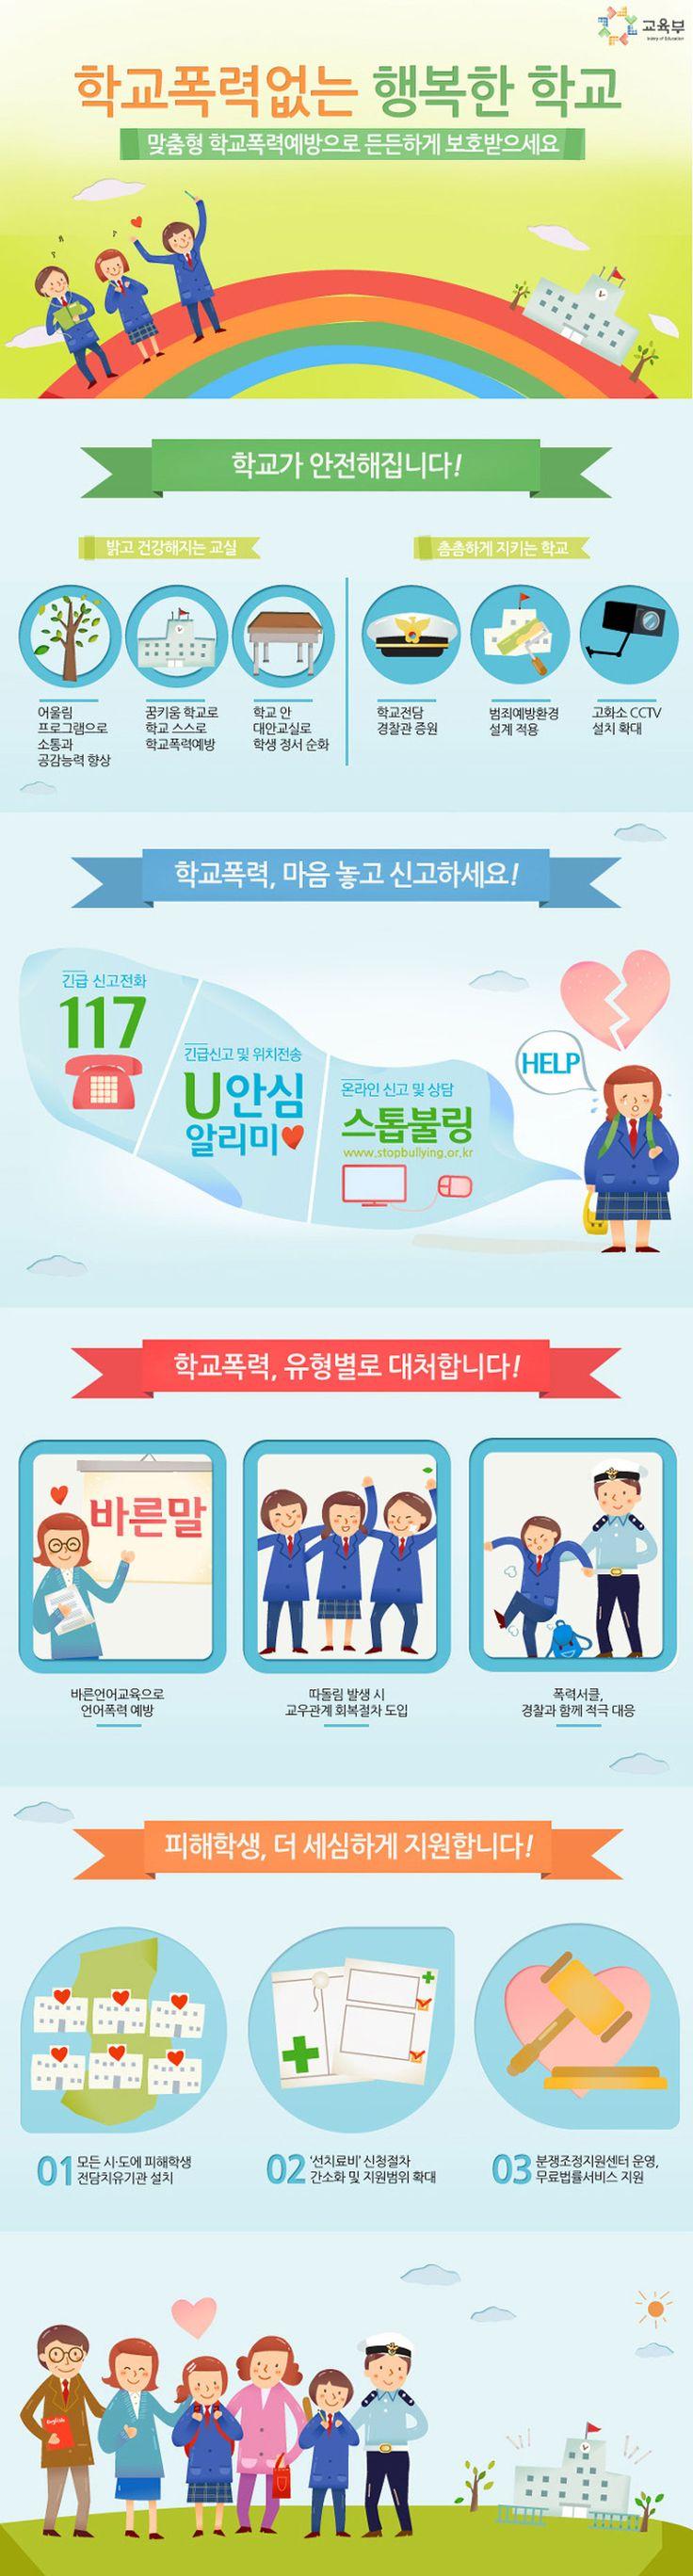 교육부, 학교폭력 예방을 위해 맞춤 예방법 시행 [인포그래픽] #school  #Infographic ⓒ 비주얼다이브 무단 복사·전재·재배포